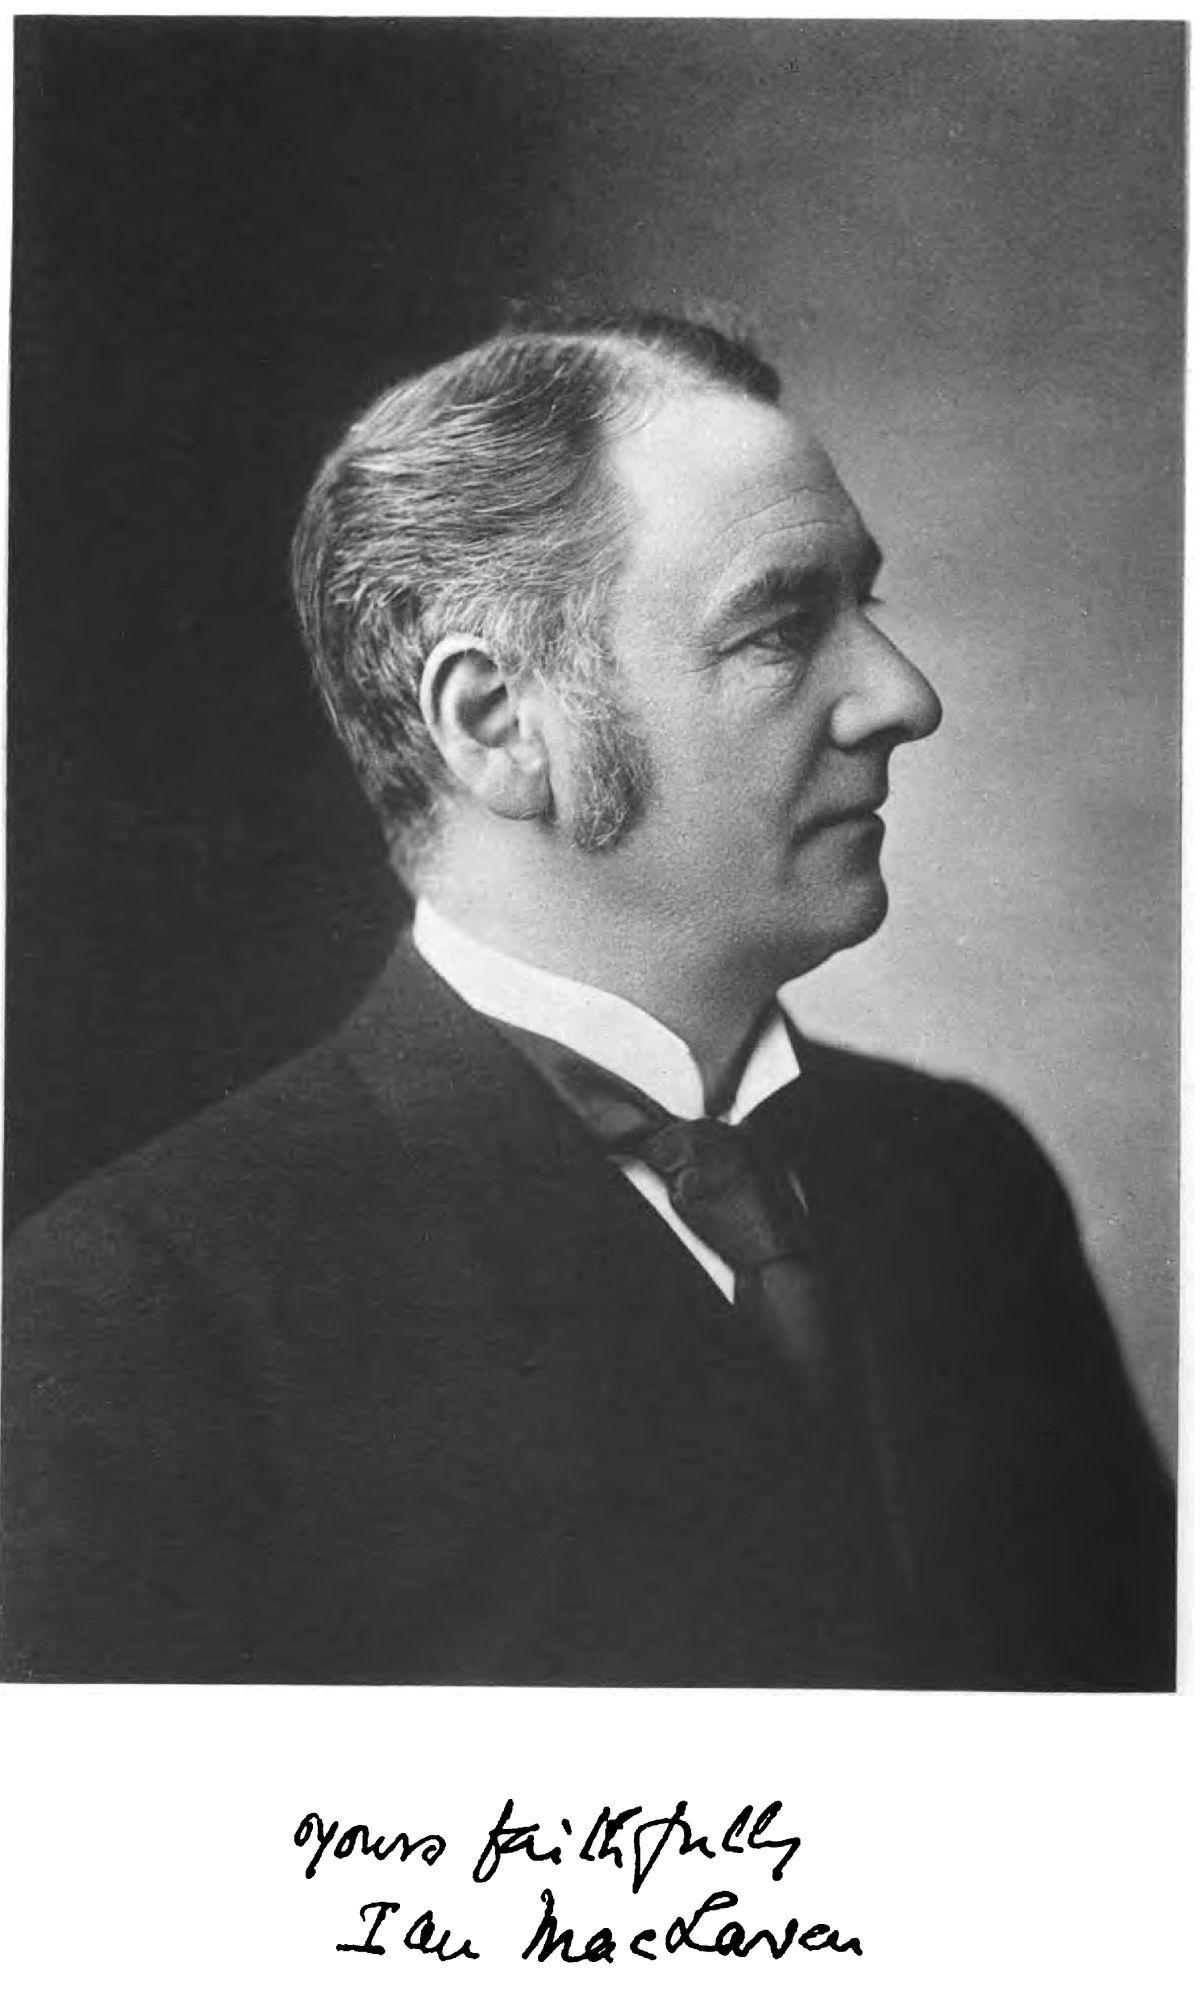 Ian Maclaren - Wikipedia